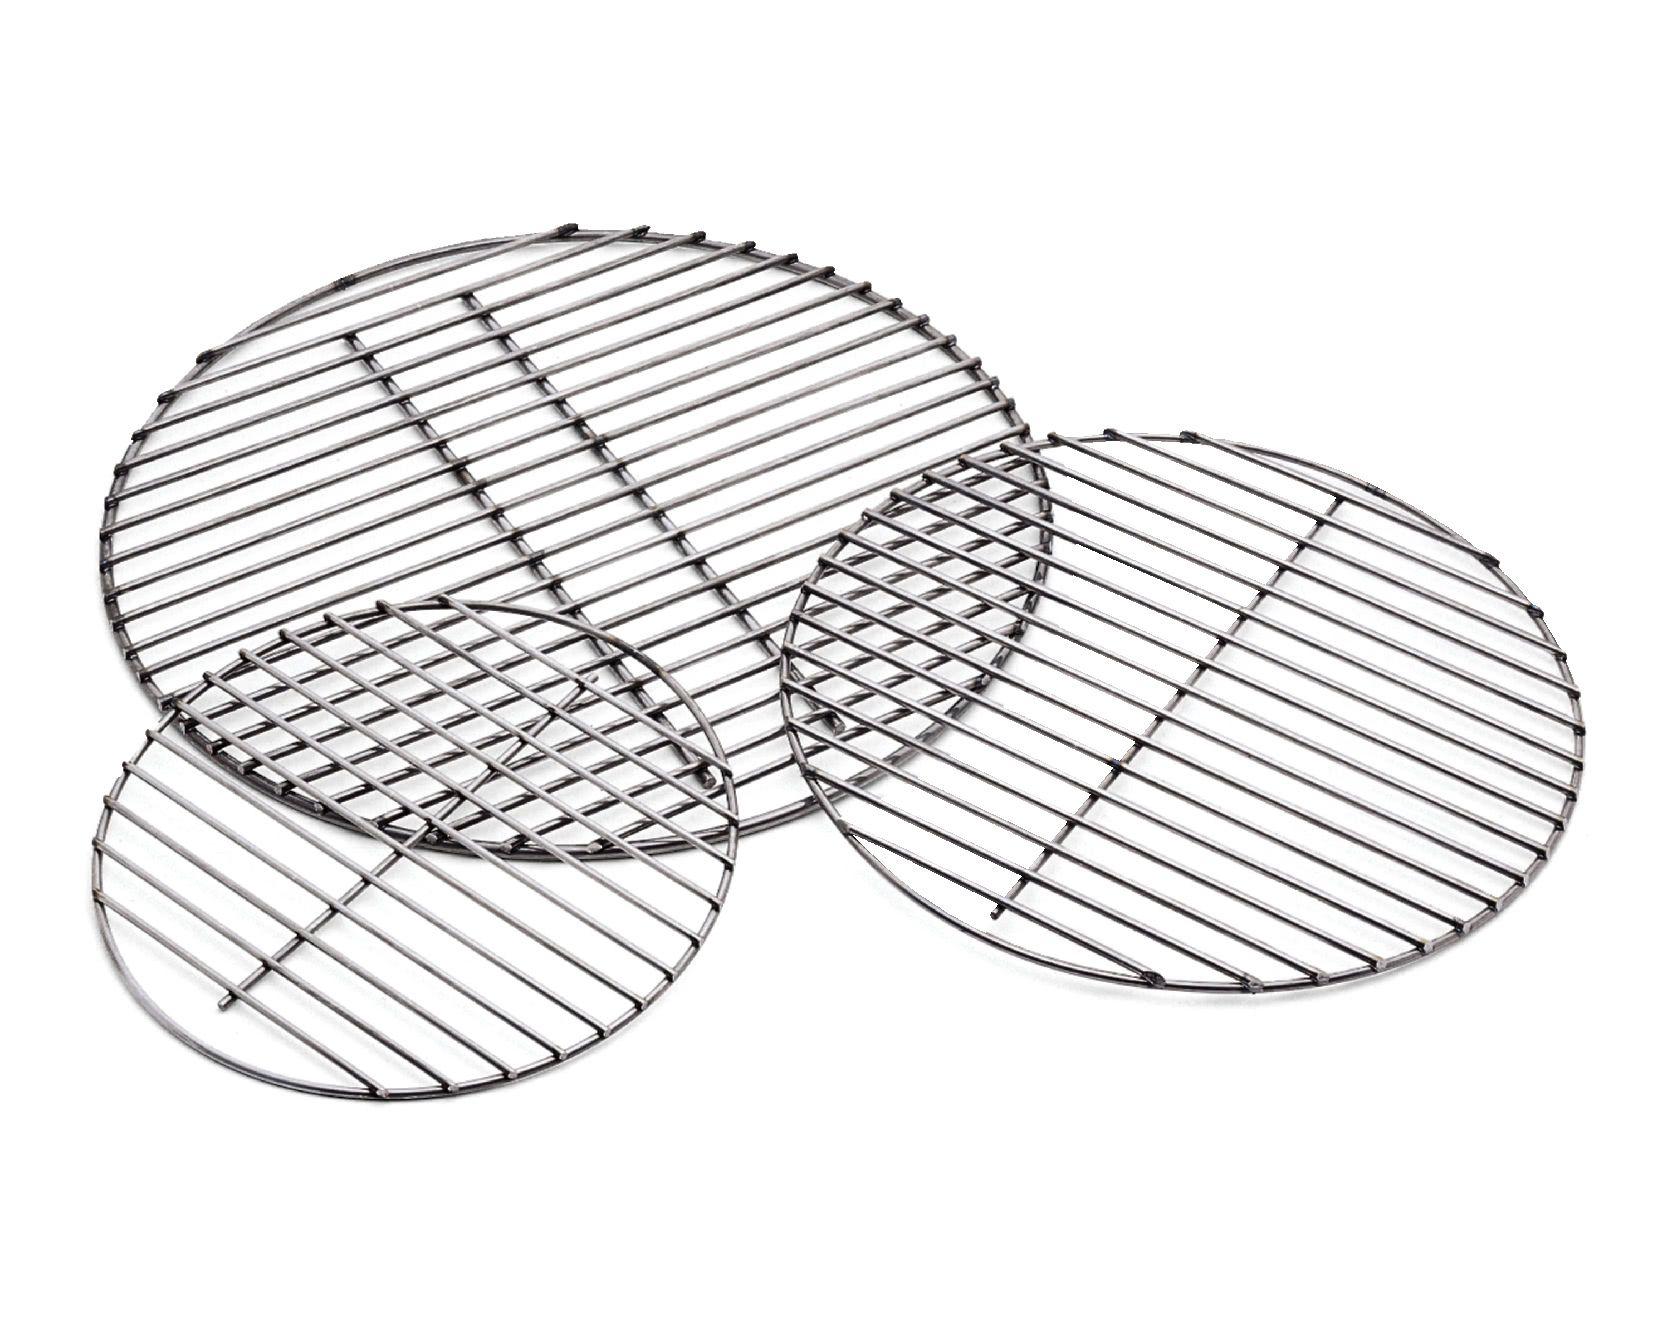 Weber® Kohlerost für Kugelgrill, 47 cm